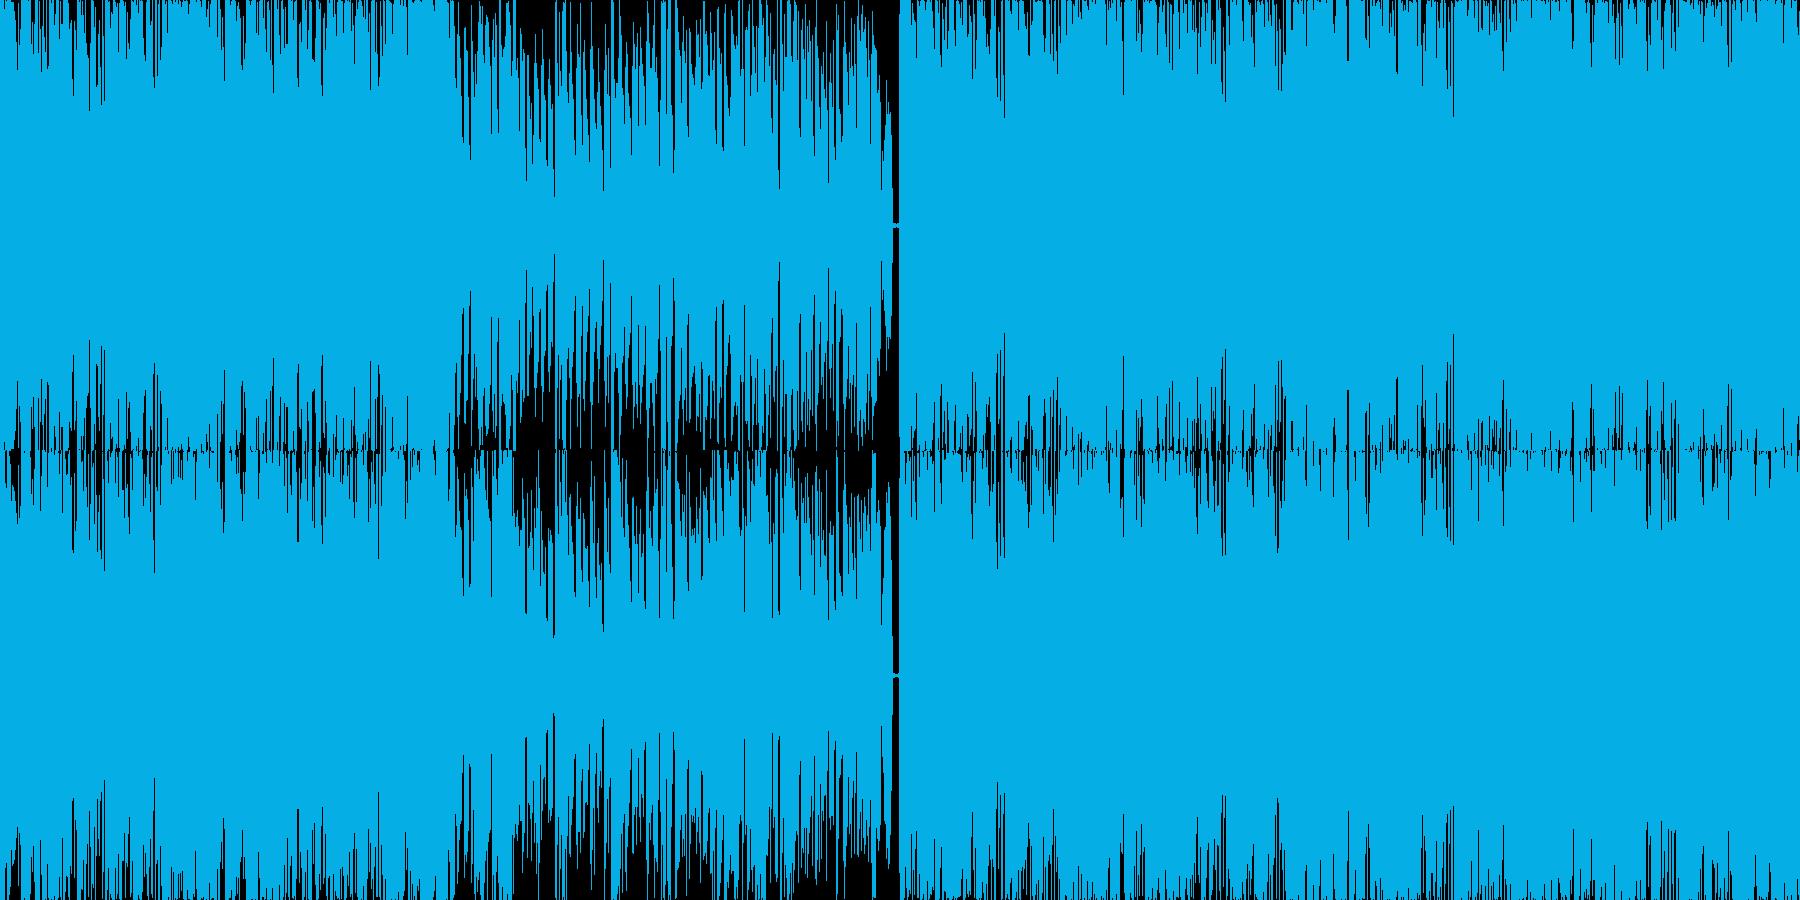 【ループ対応】テクノポップなダンス曲の再生済みの波形